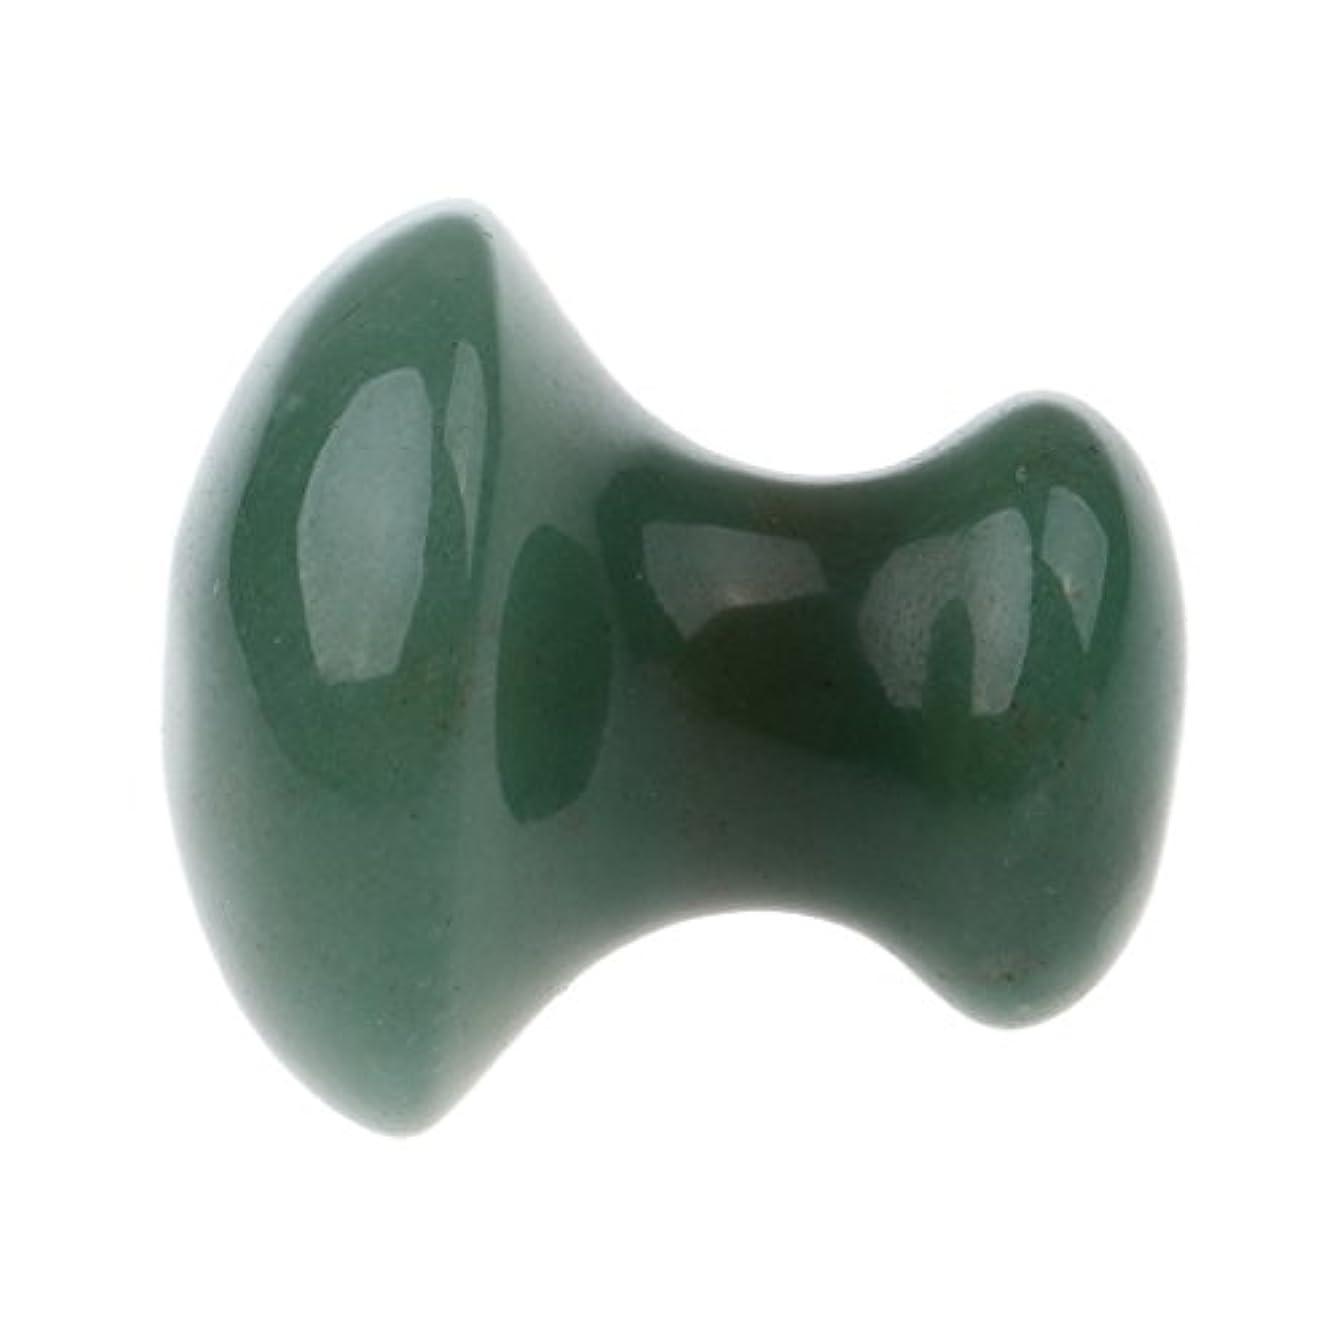 忌み嫌うドックやろうPerfk マッサージストーン 石 ストーン 美容 マッシュルーム スキンケア 2色選べる - 緑